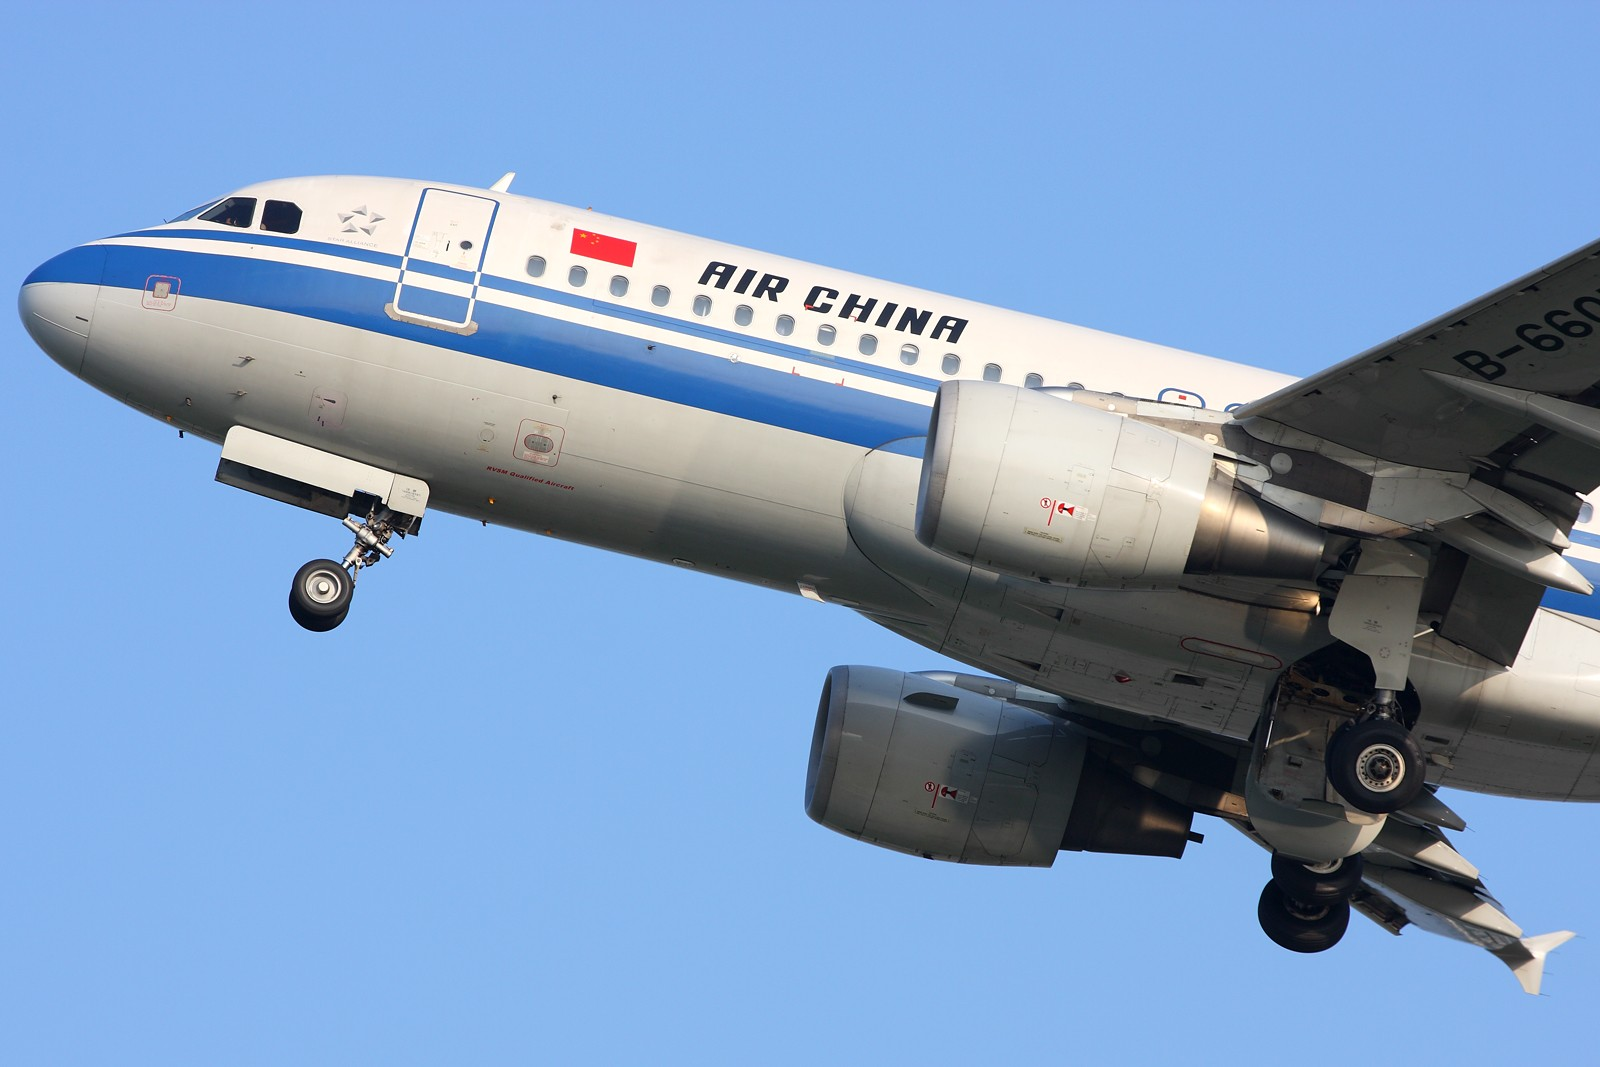 Re:[原创]【深圳飞友会】5张空中大头特写,再加4张是第一场尝试拍摄(引擎与轮组的大特写)继续1600×1067大图呈上望带来视觉冲击效果。 BOEING 737-700 B-5256 中国广州白云机场